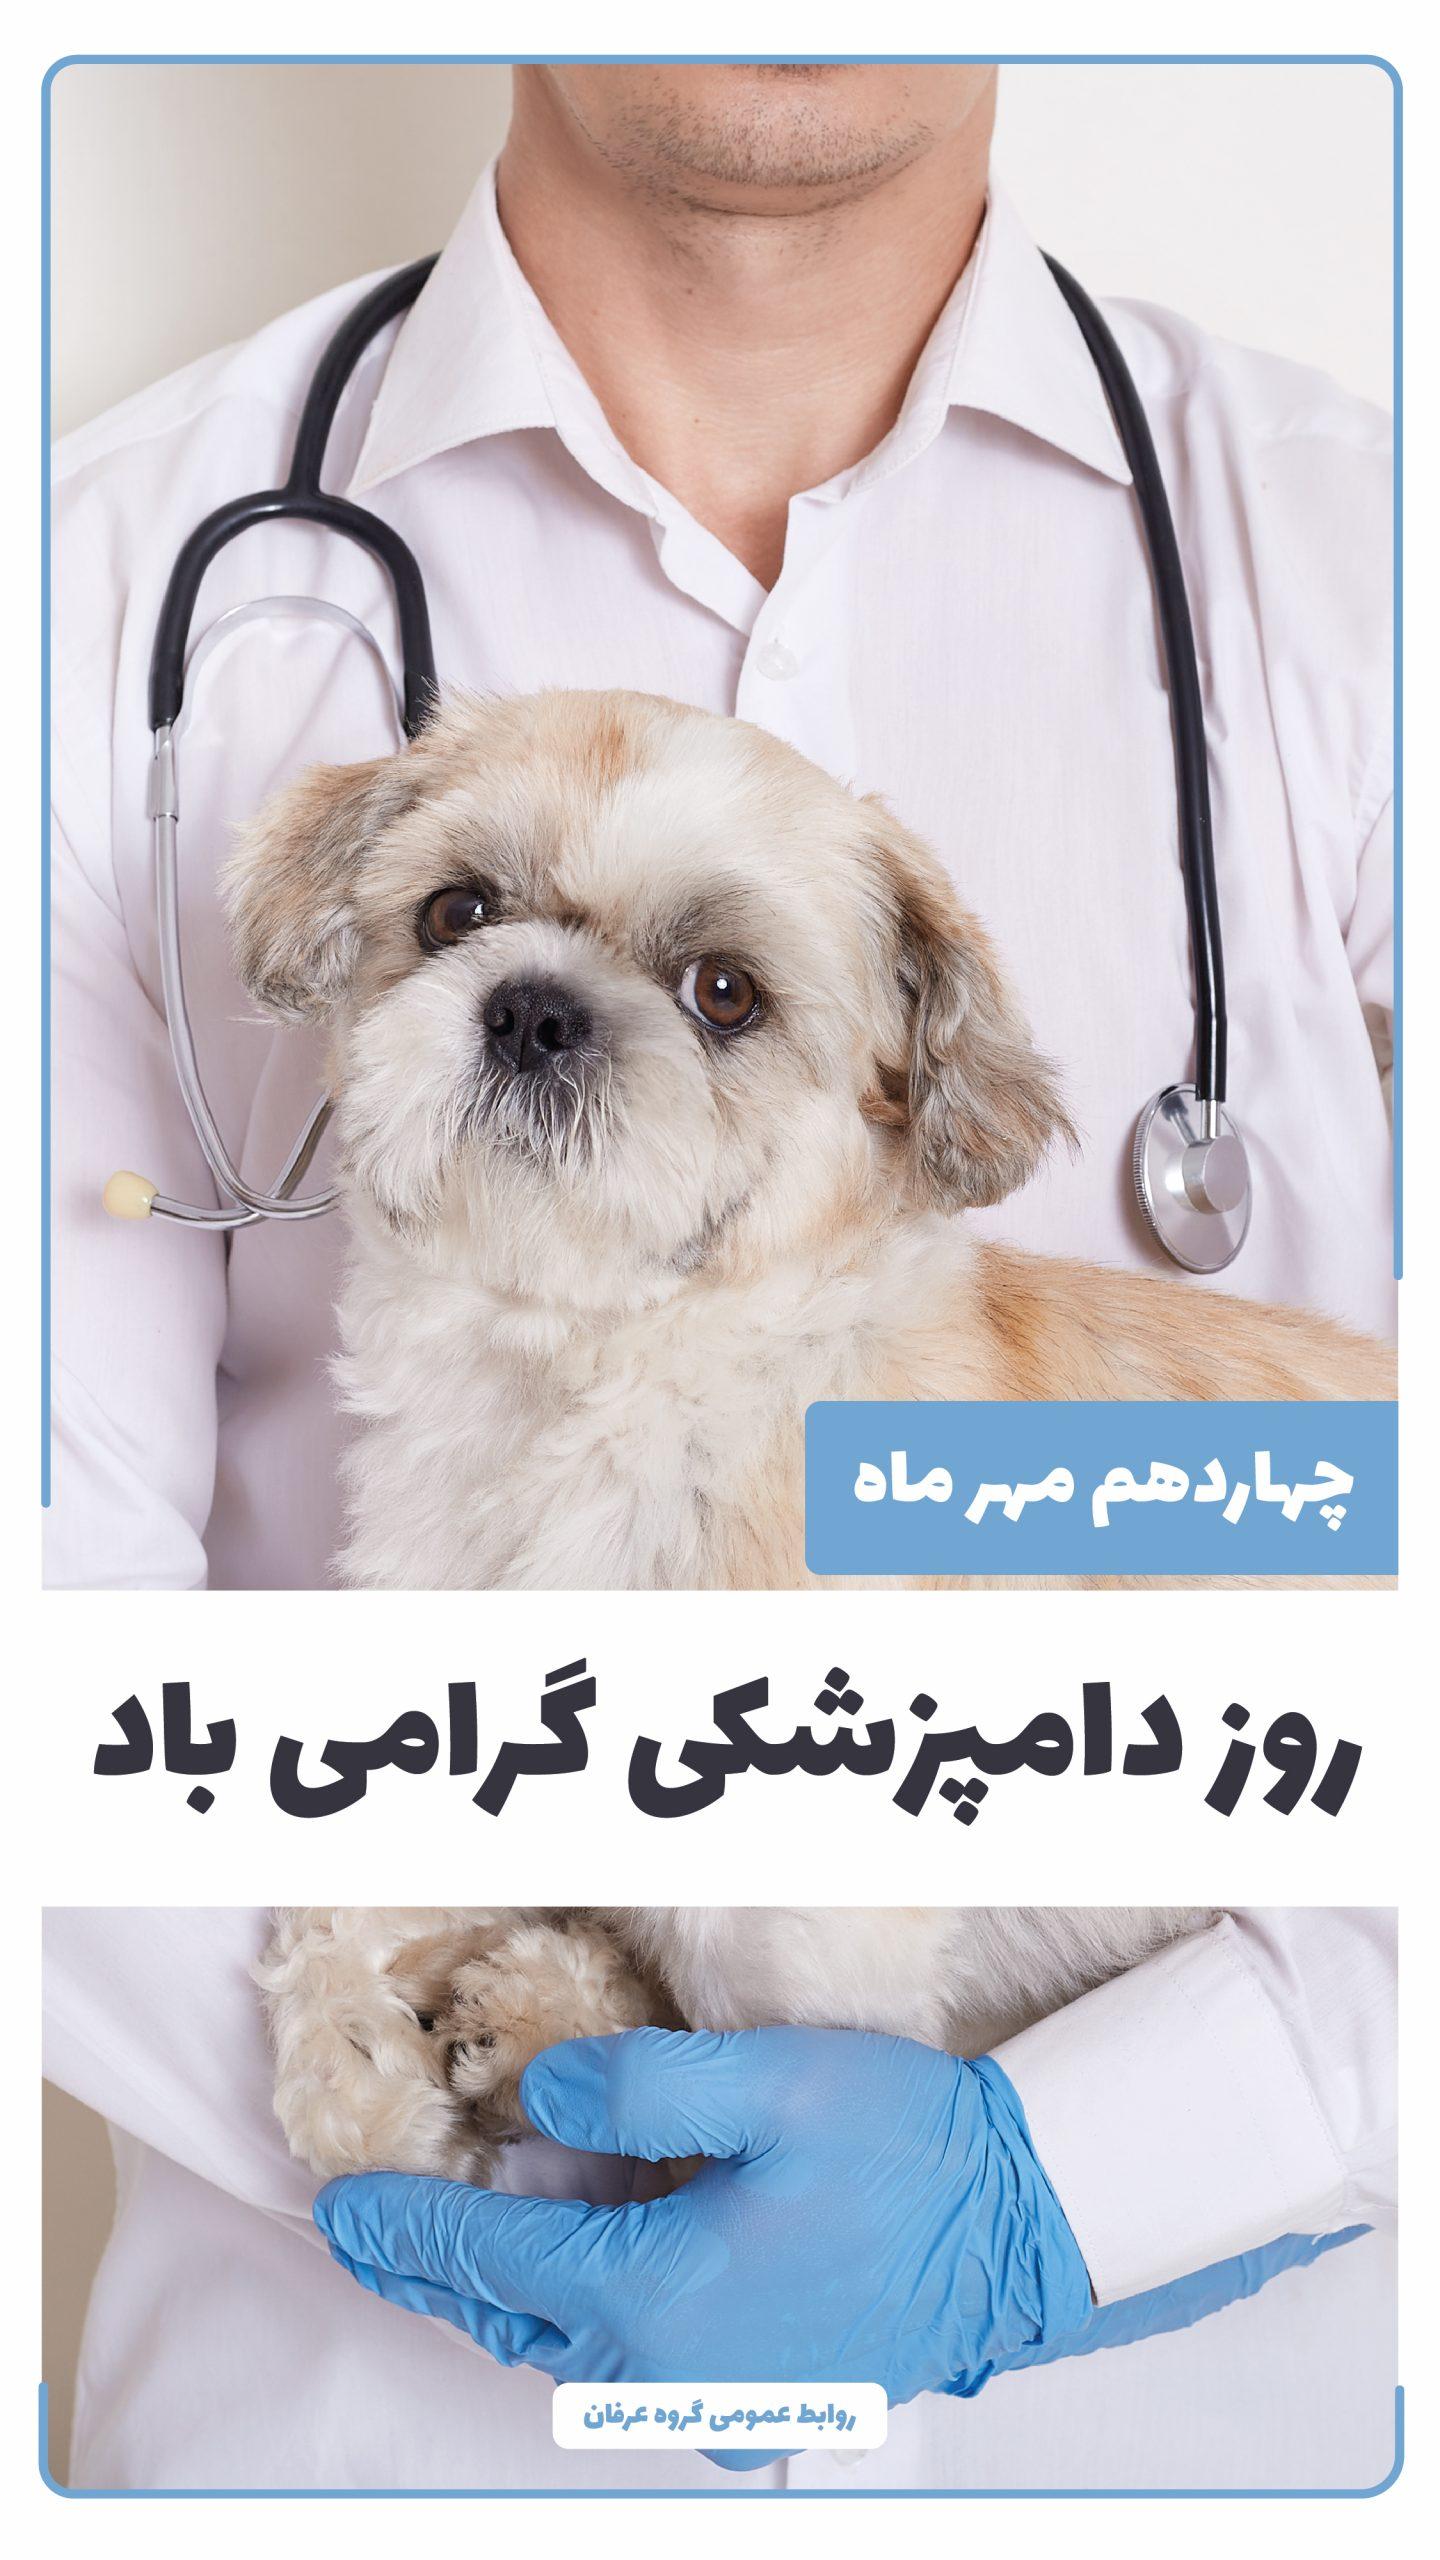 روز دامپزشکی